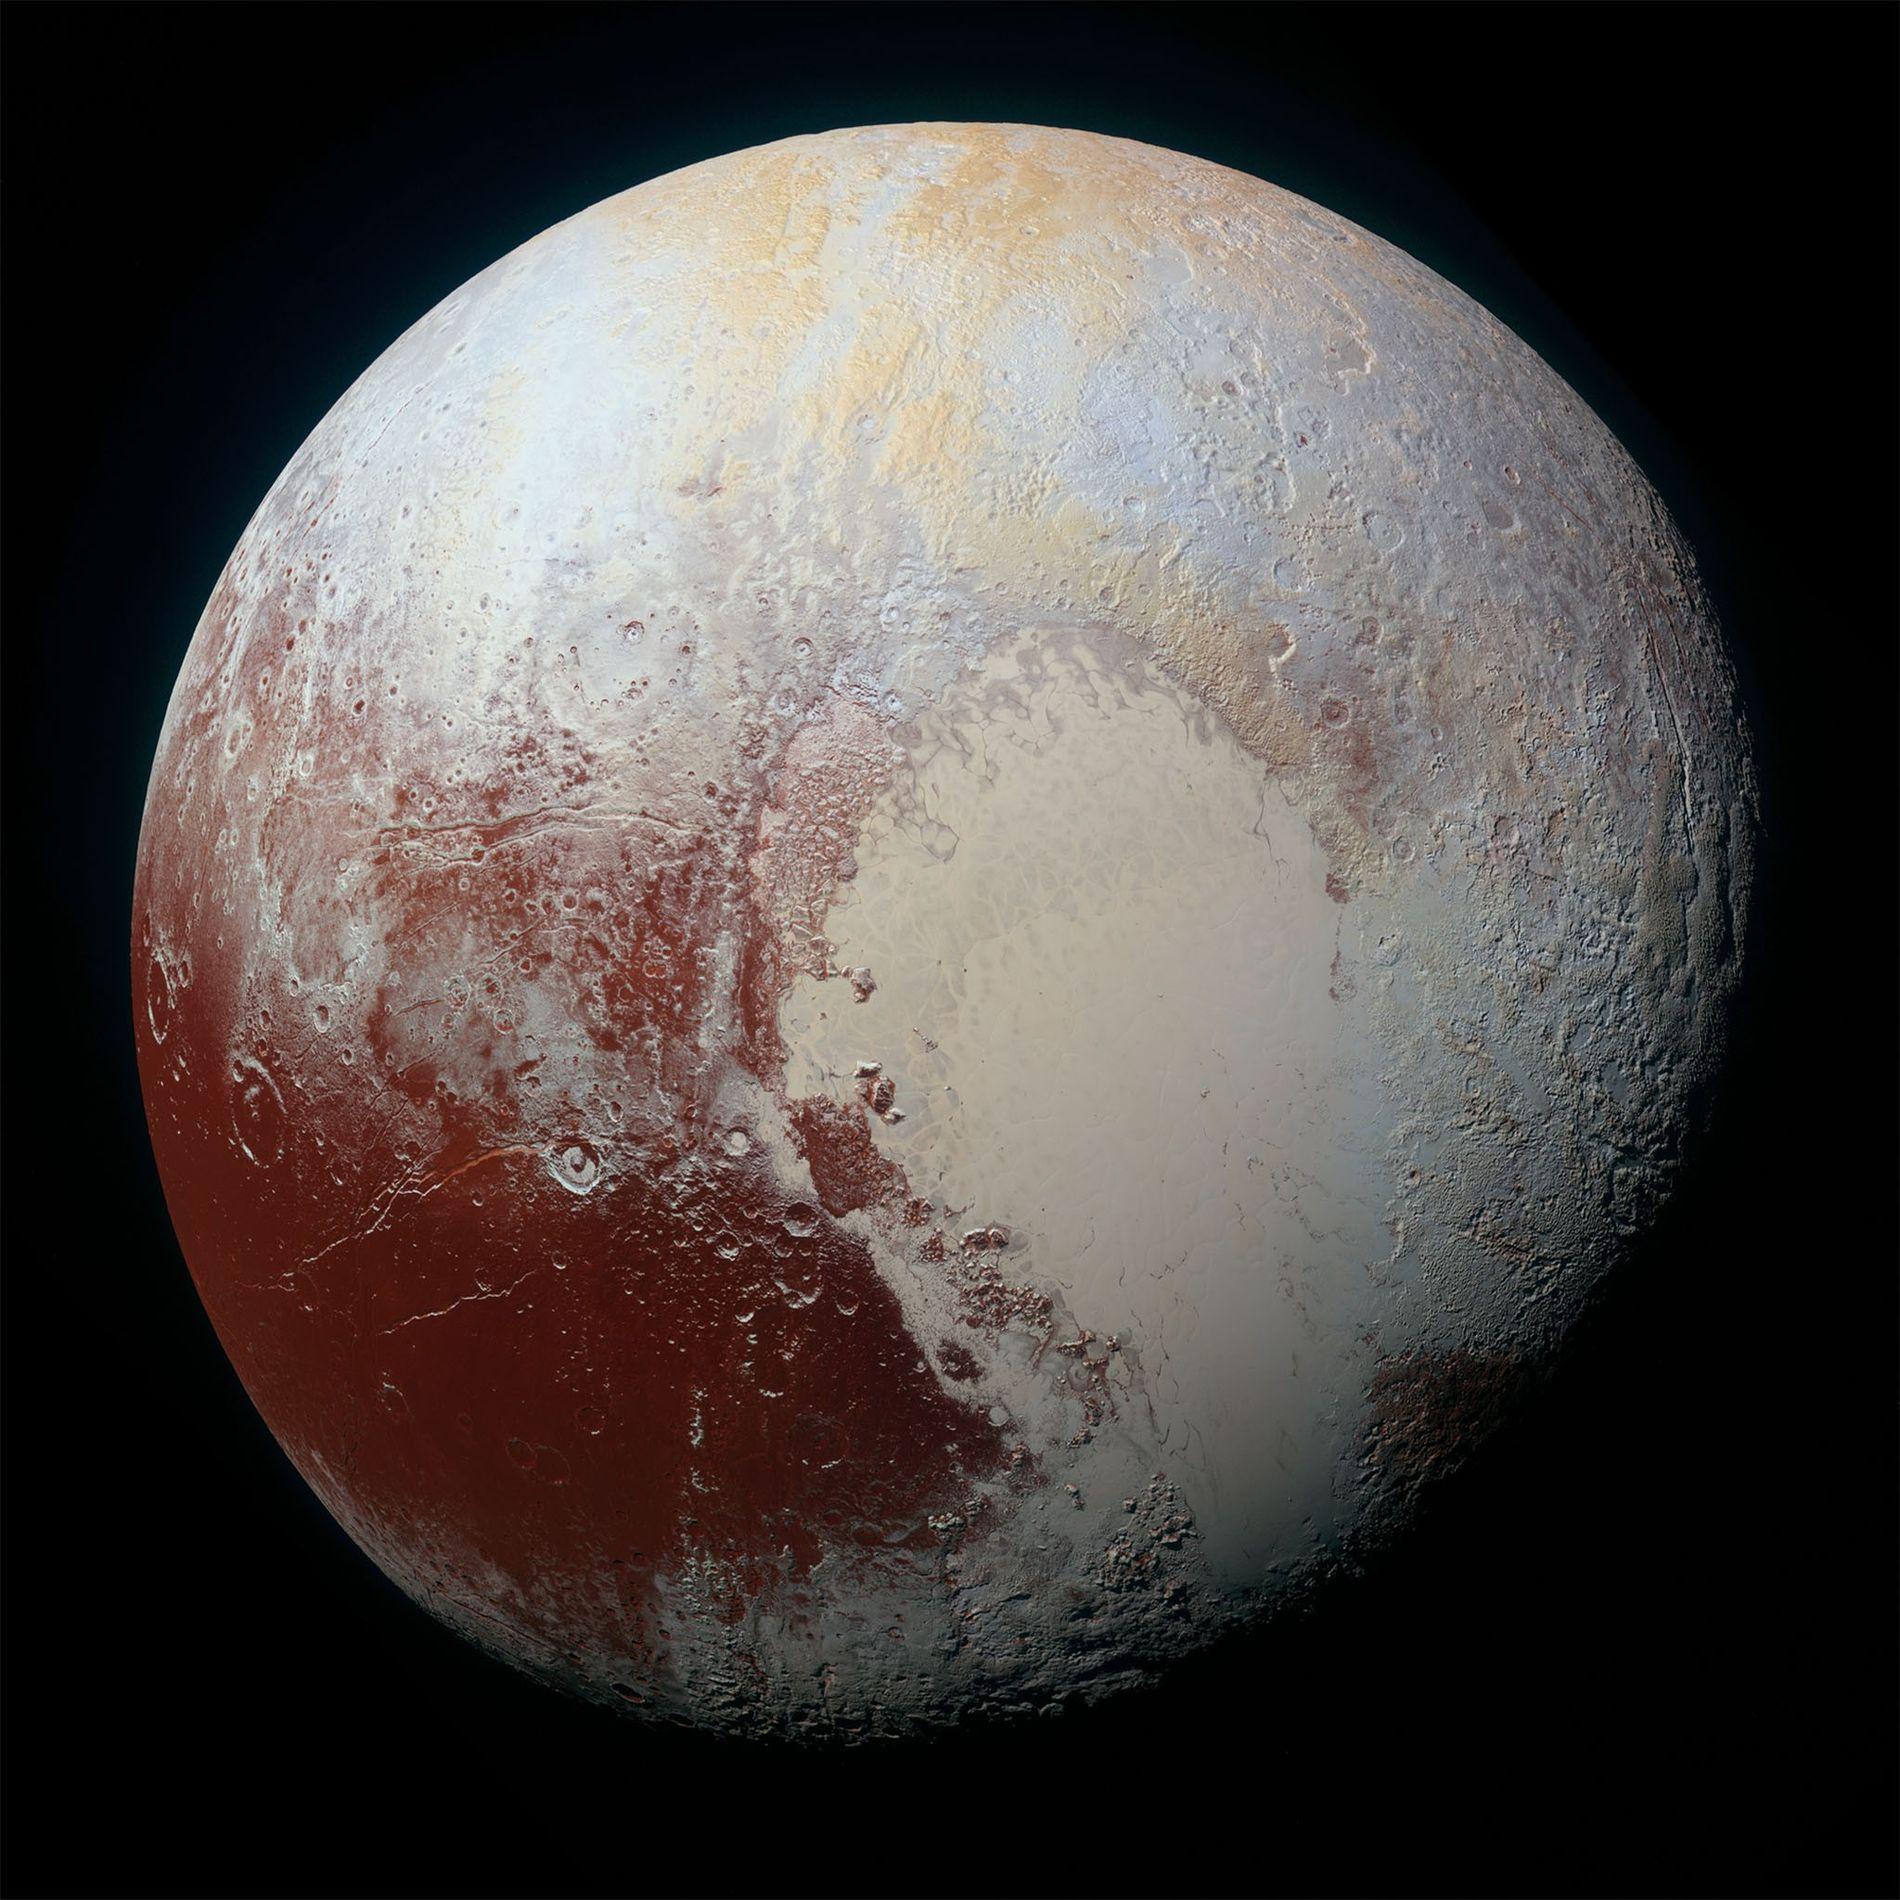 Die NASA-Raumsonde New Horizons machte am 14. Juli 2015 diese hochauflösende Aufnahme von Pluto.